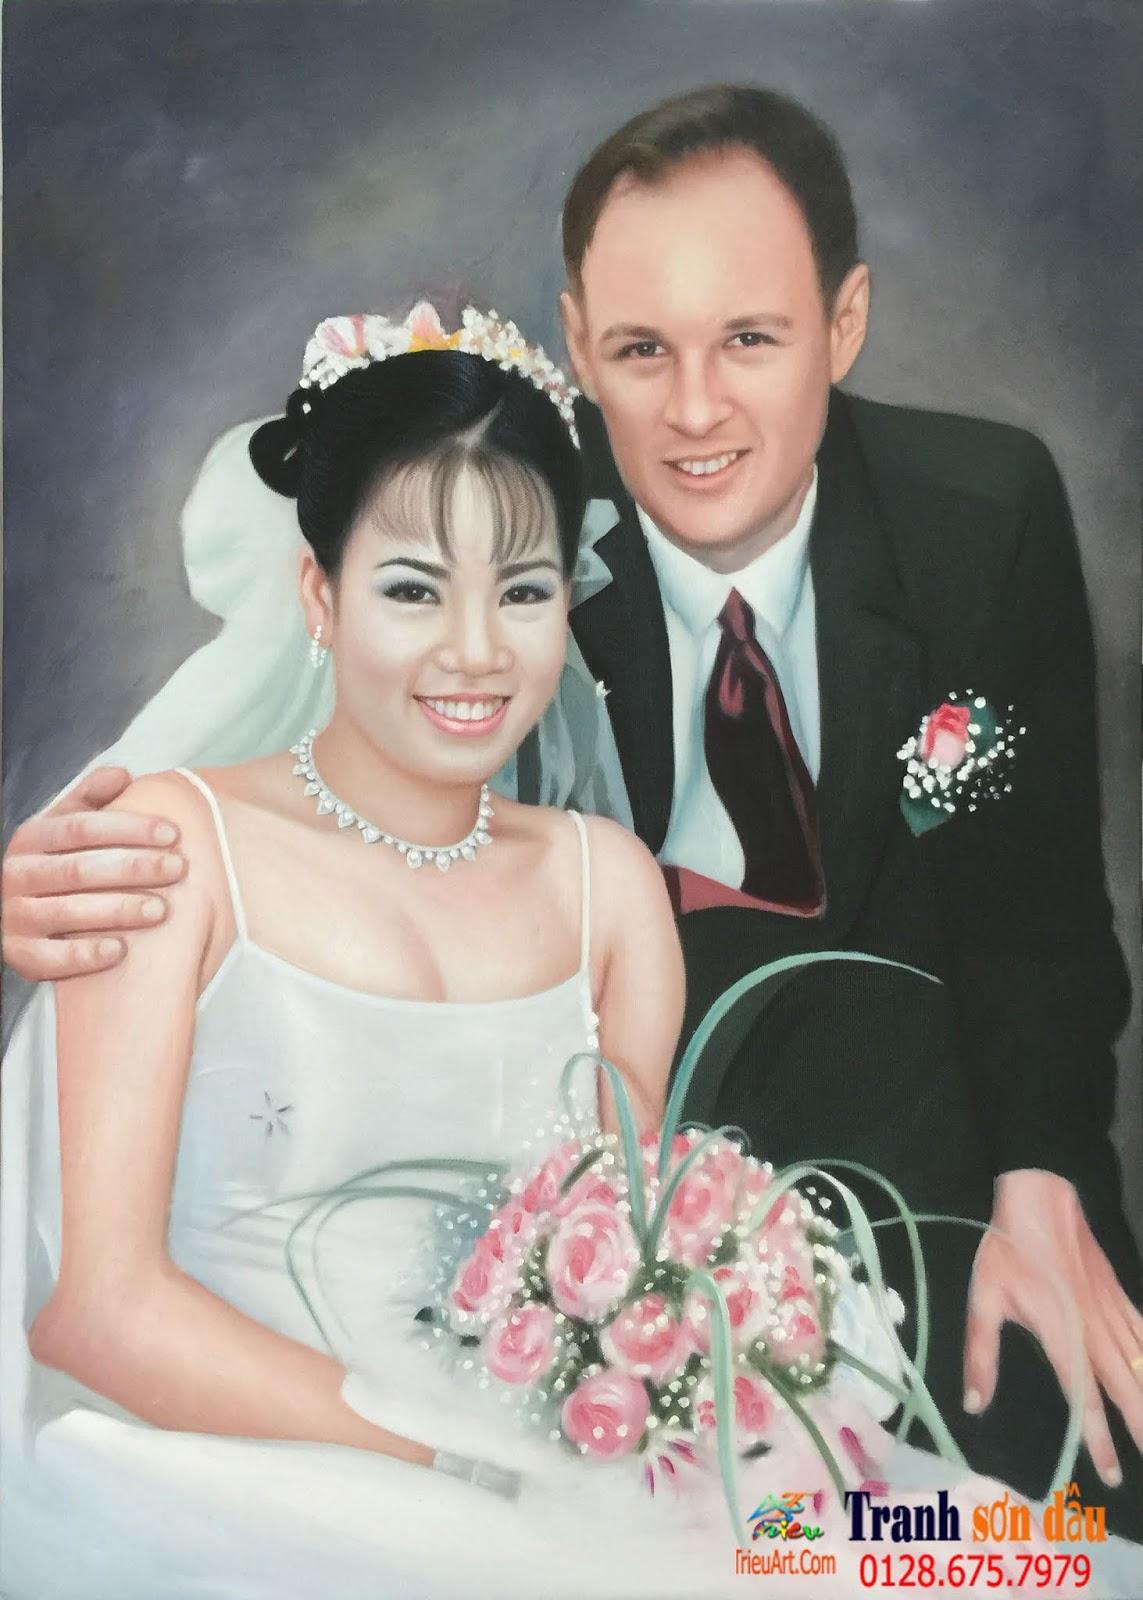 chân dung vợ chồng